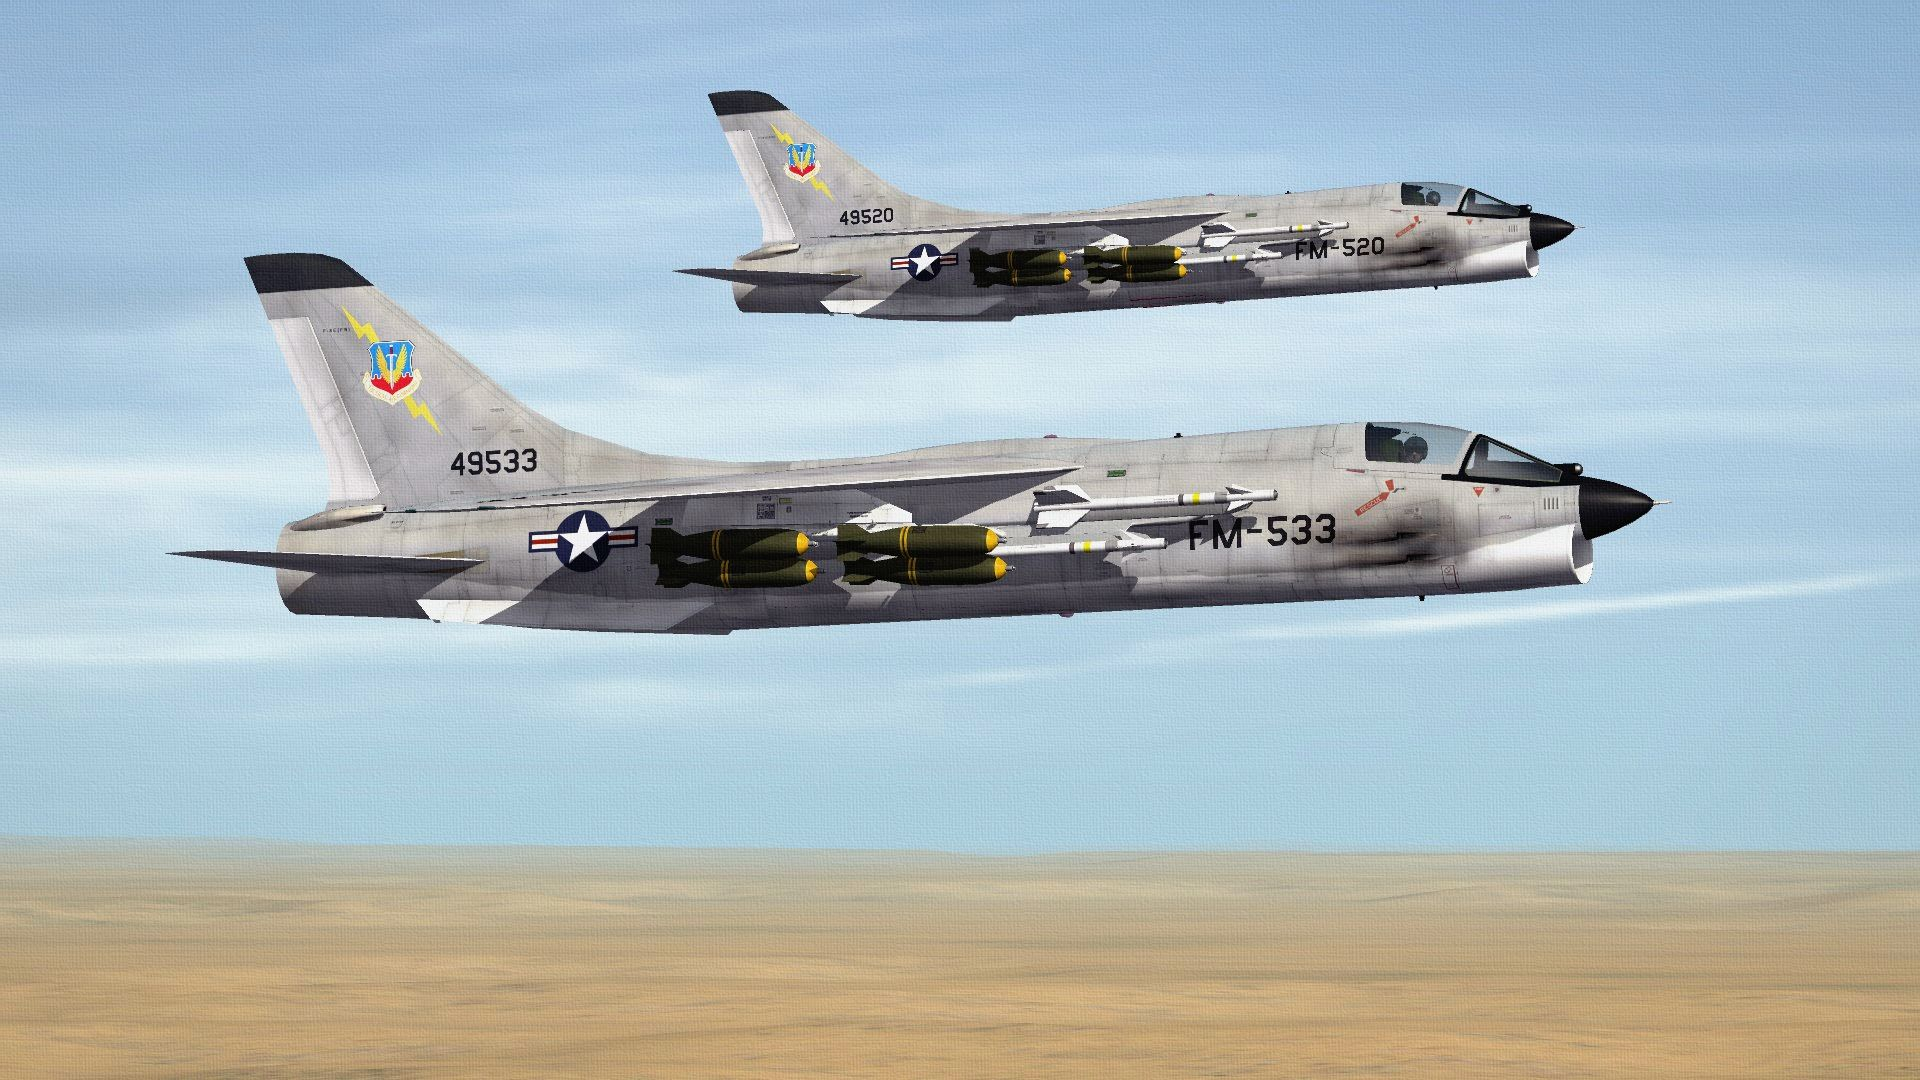 USAFF-8FCRUSADER04_zps43f55c79.jpg